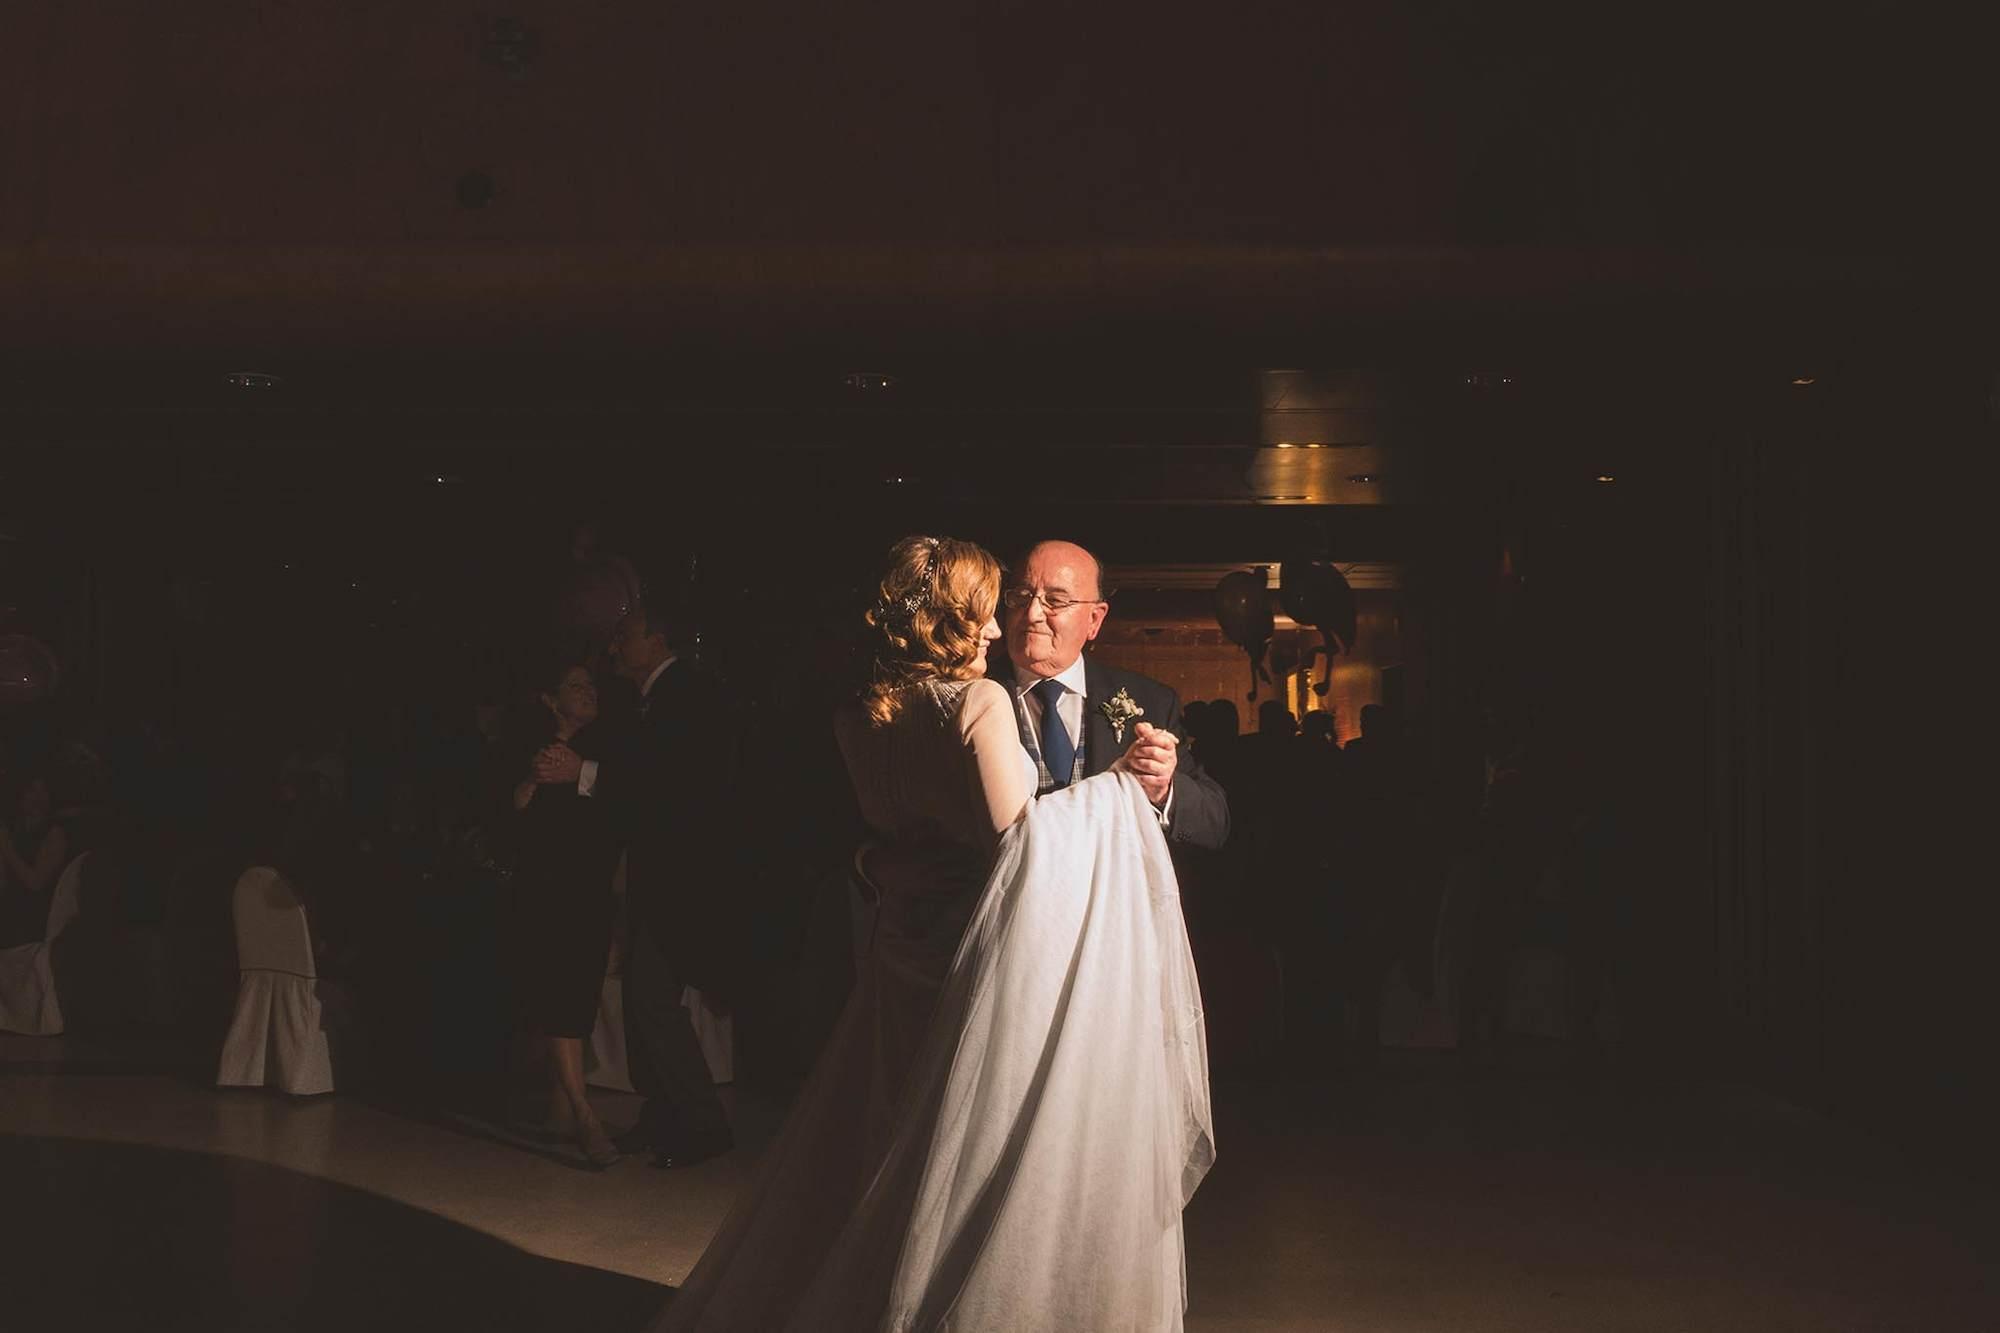 La novia bailando con su padre